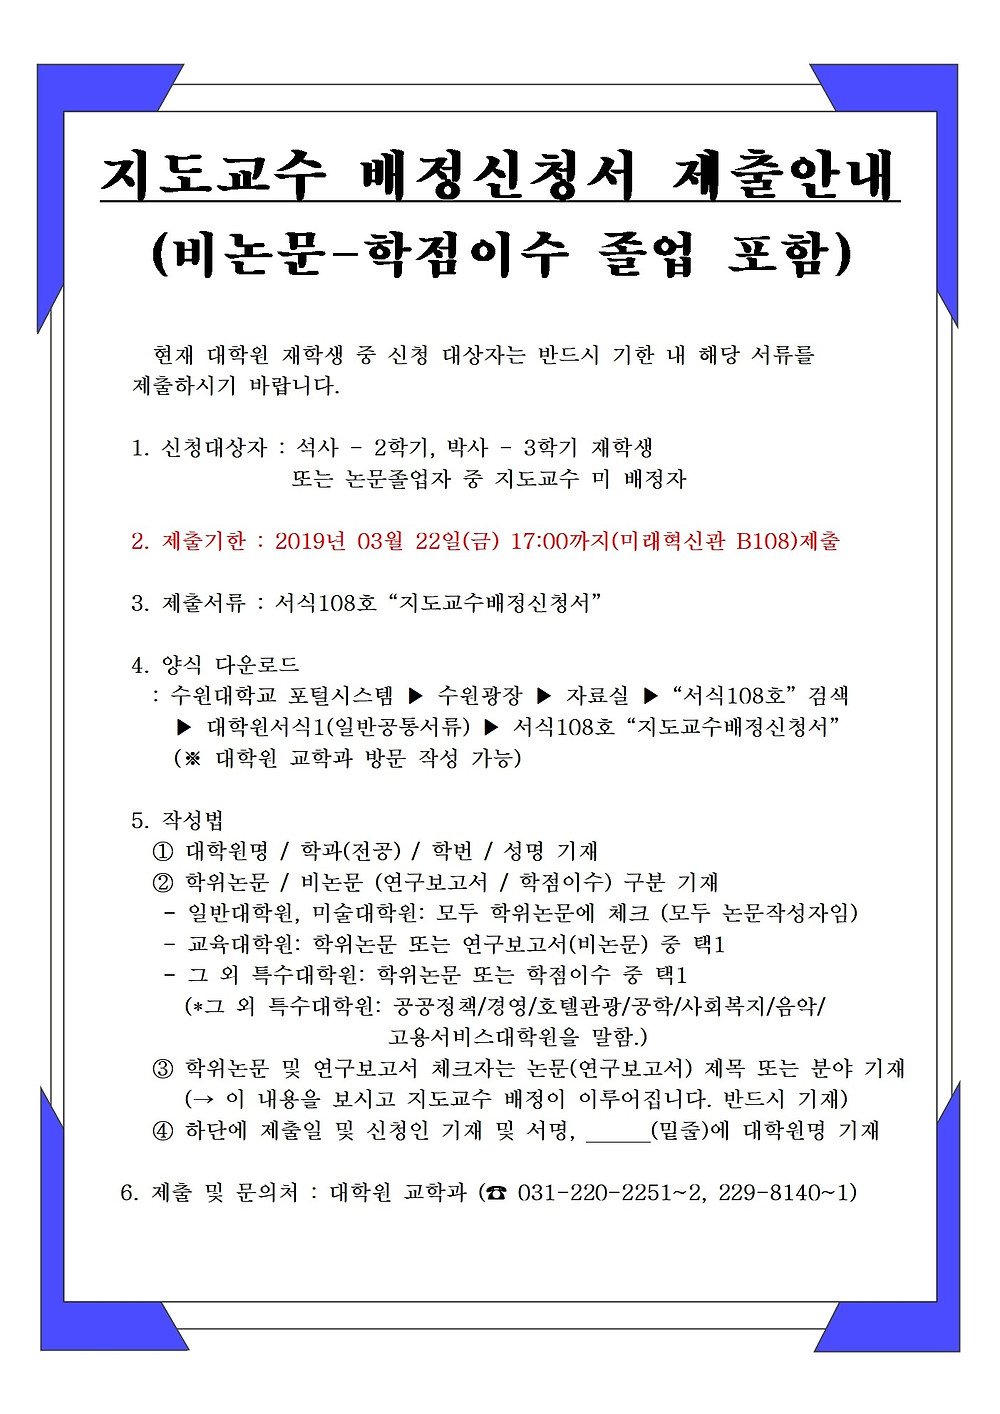 2019학년도 1학기 지도교수배정신청서 제출 안내